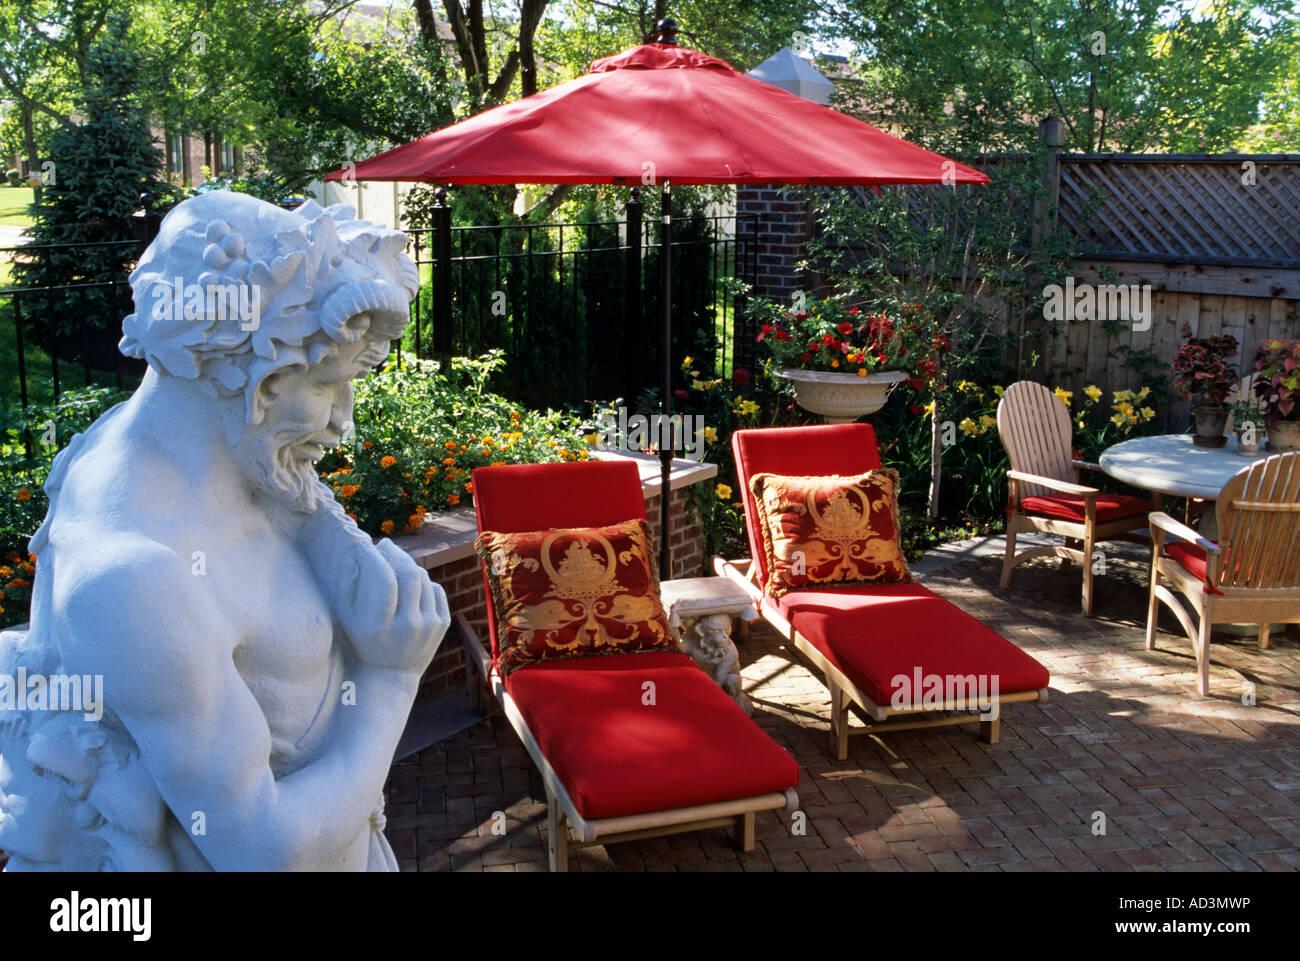 pan greek god stockfotos pan greek god bilder alamy. Black Bedroom Furniture Sets. Home Design Ideas